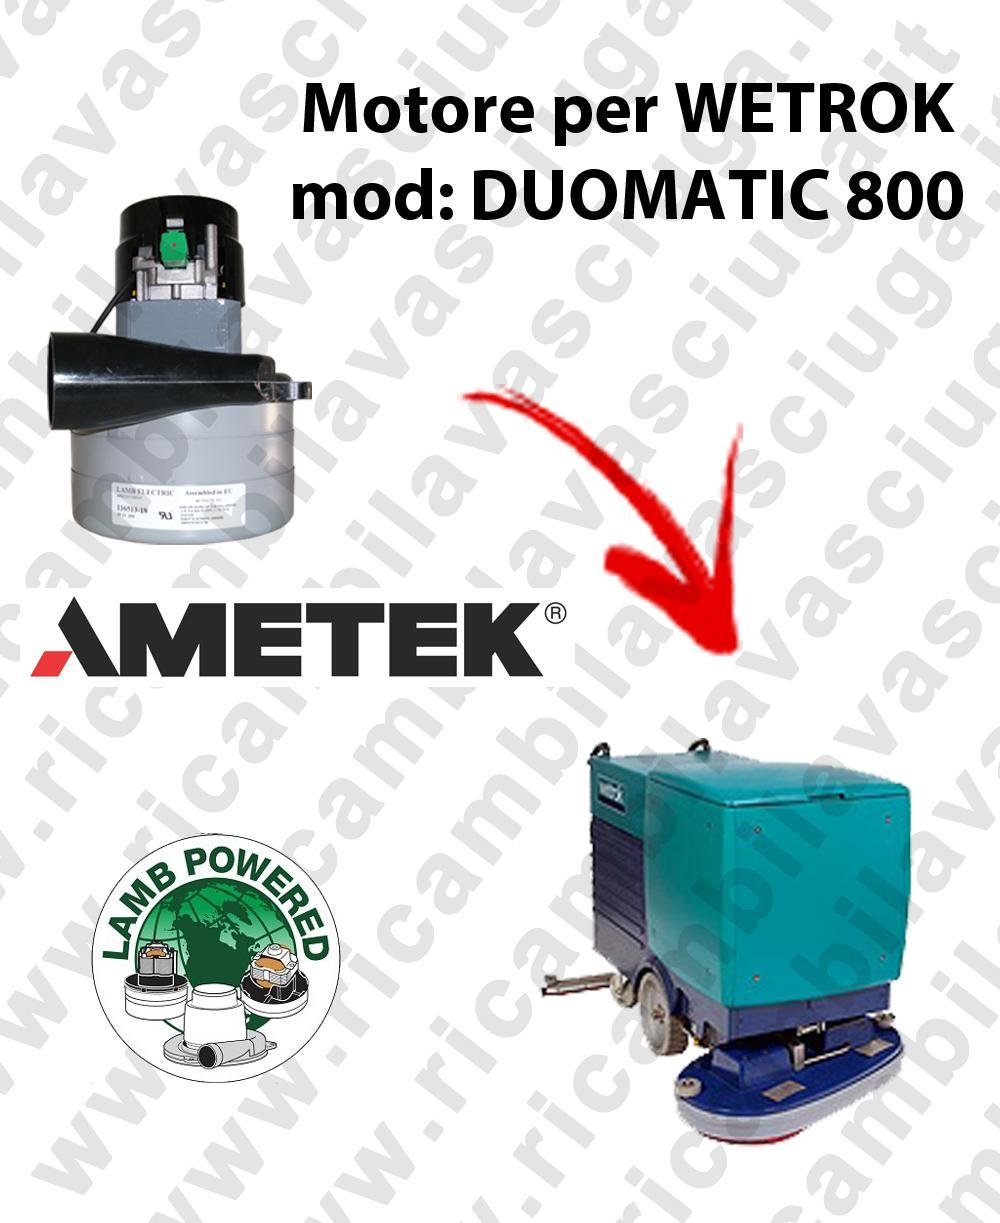 DUOMATIC 800 LAMB AMETEK vacuum motor for scrubber dryer WETROK